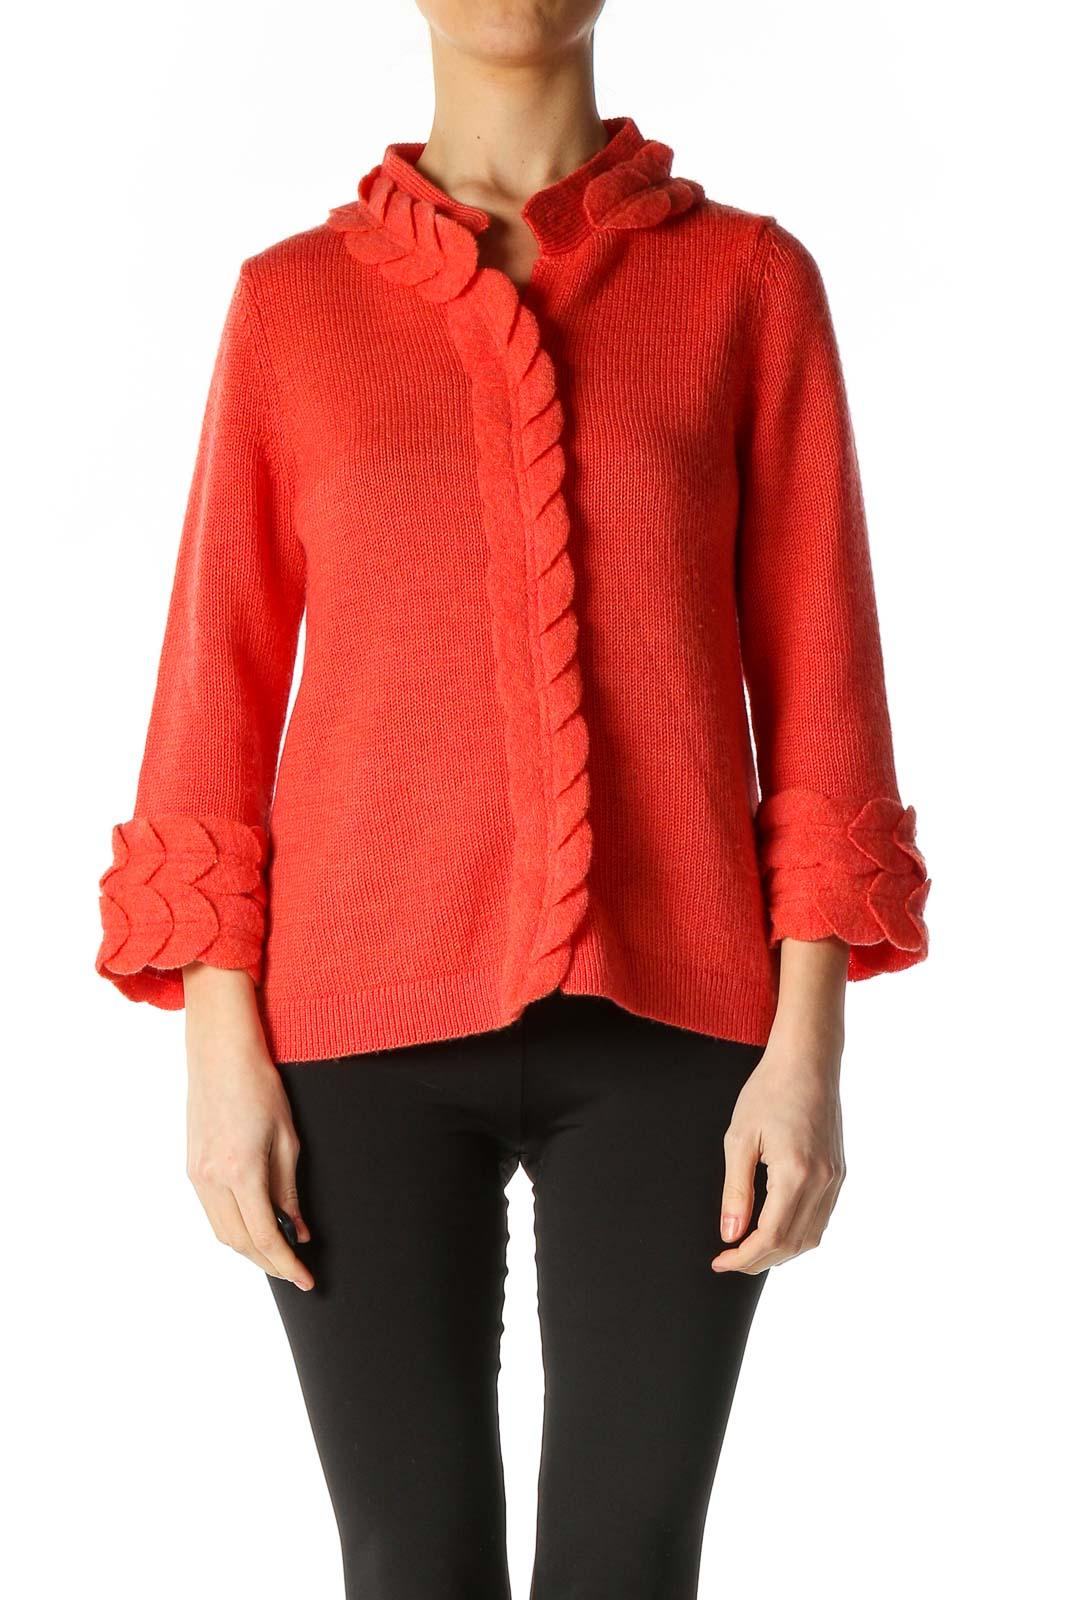 Orange Textured Classic Cardigan Front